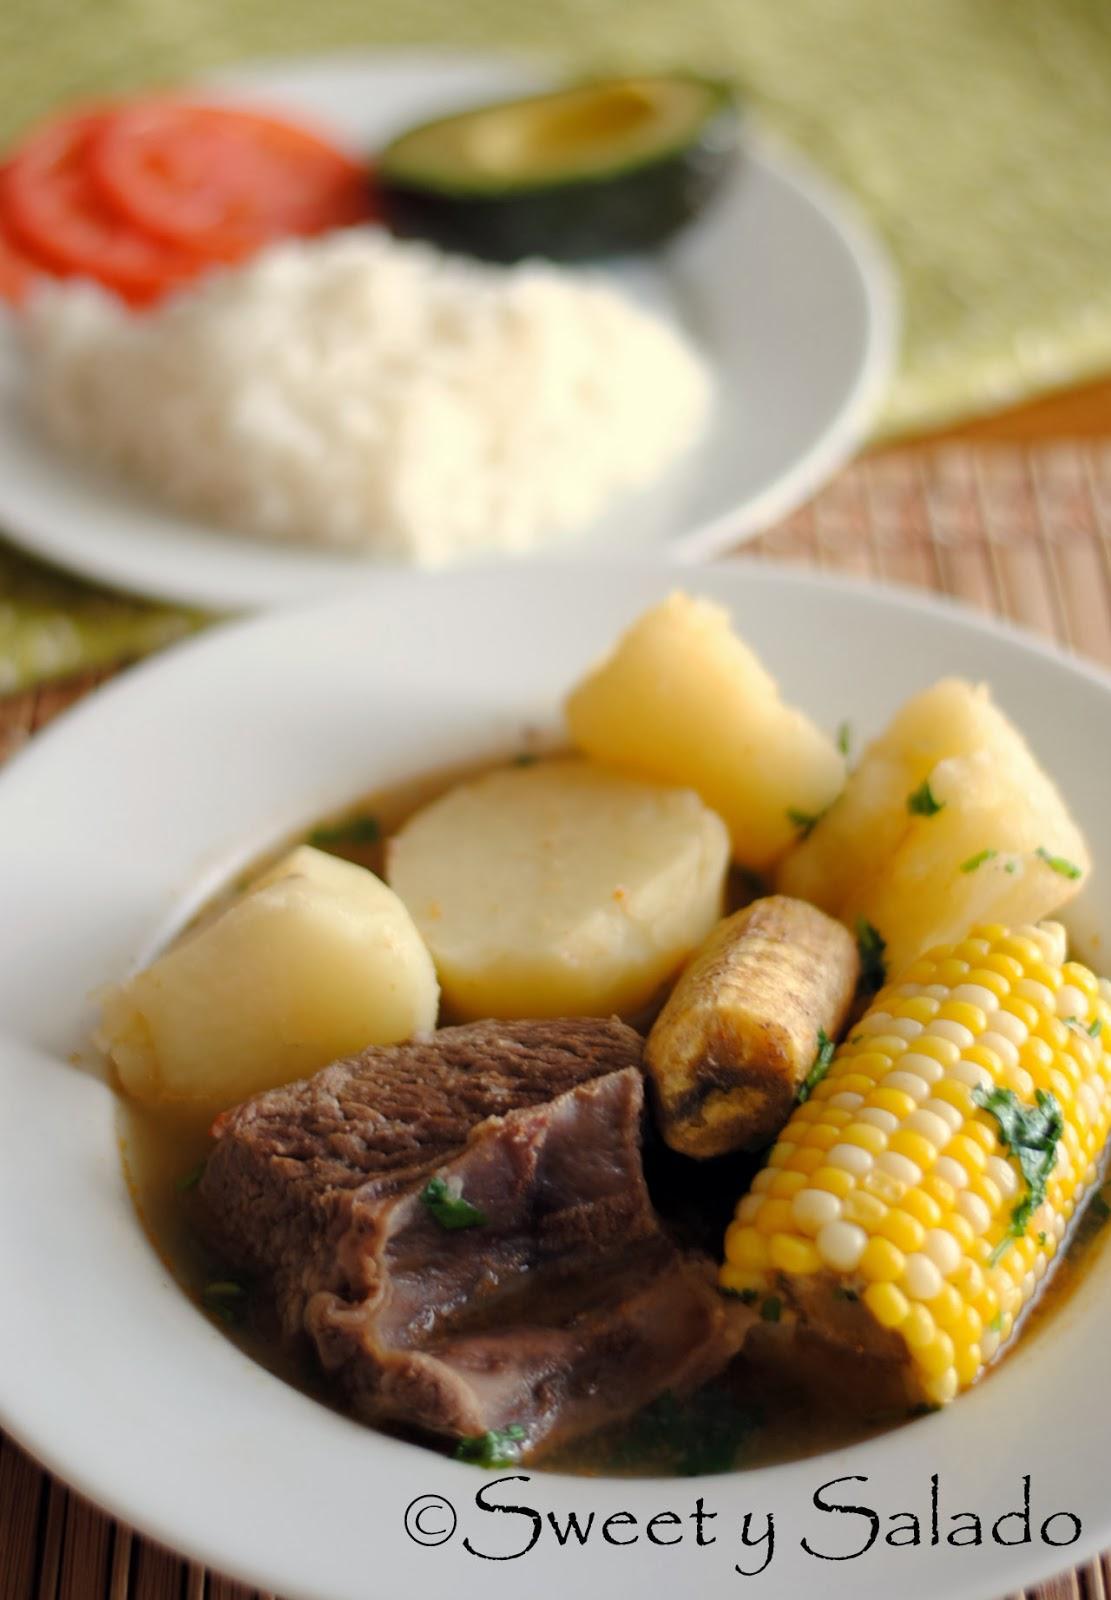 Sweet y Salado: Beef Short Rib Sancocho